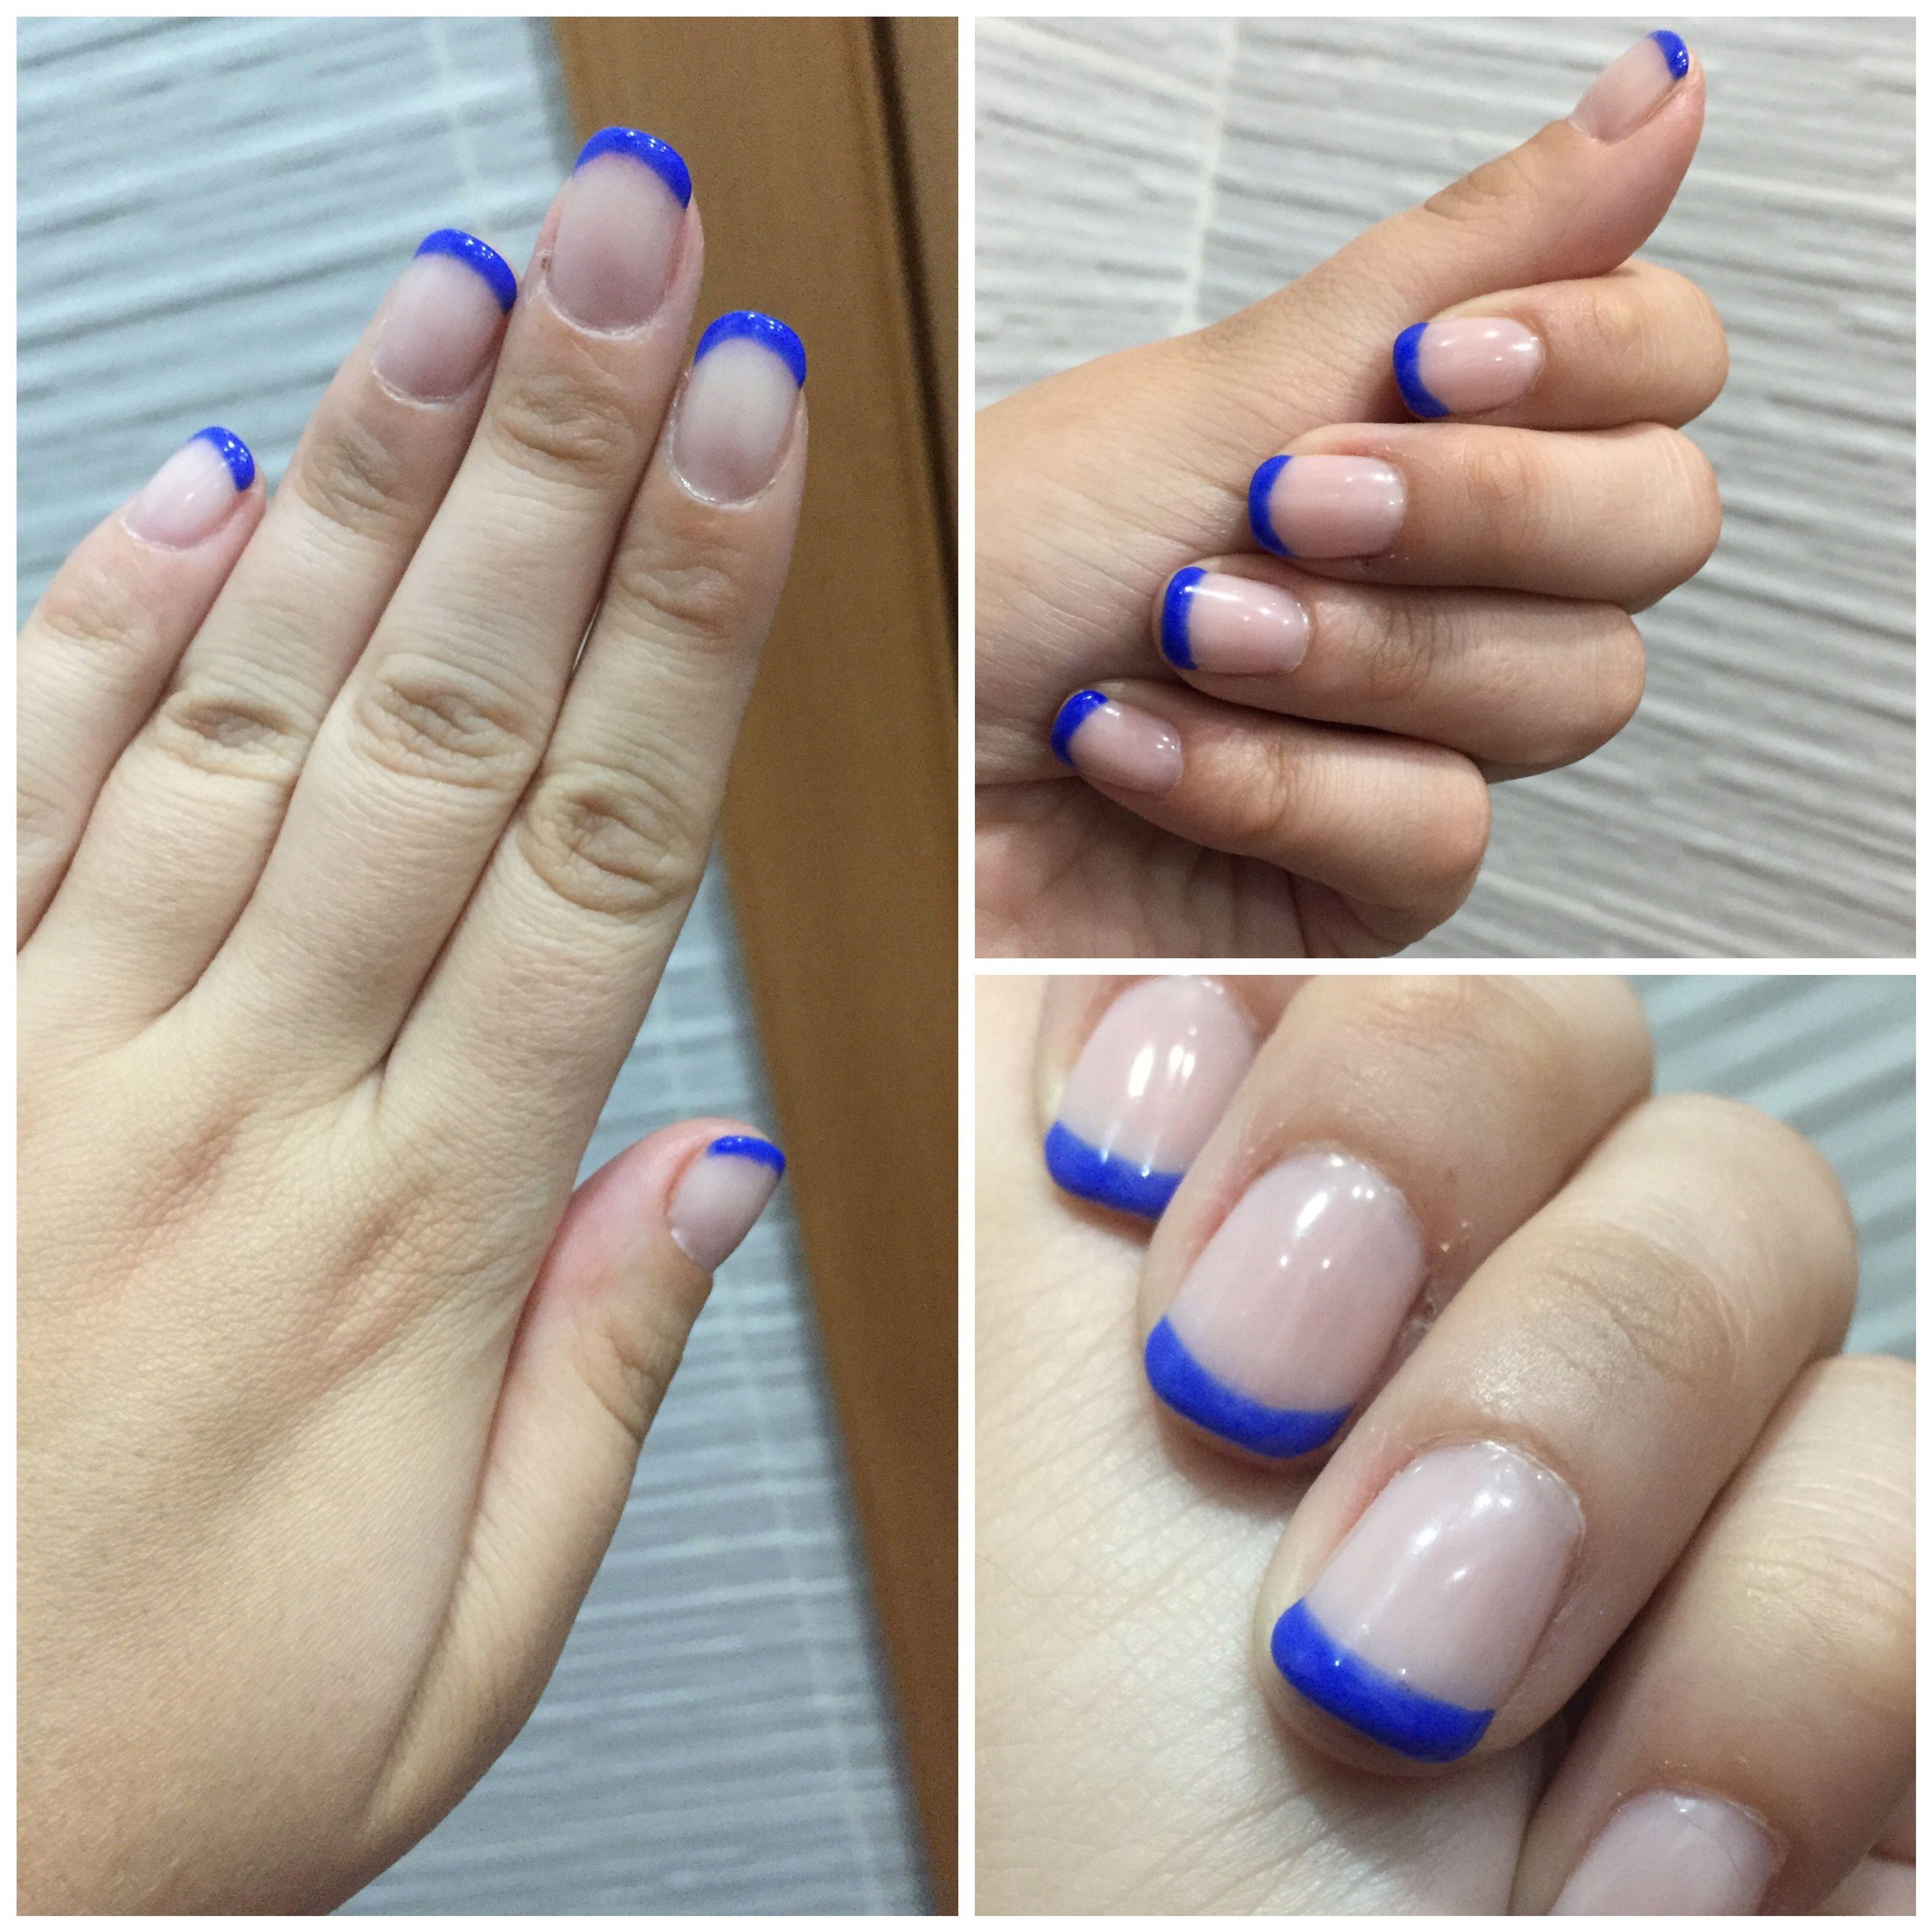 Unas primavera permanente Essie azul eléctrico francesa | Estética ...